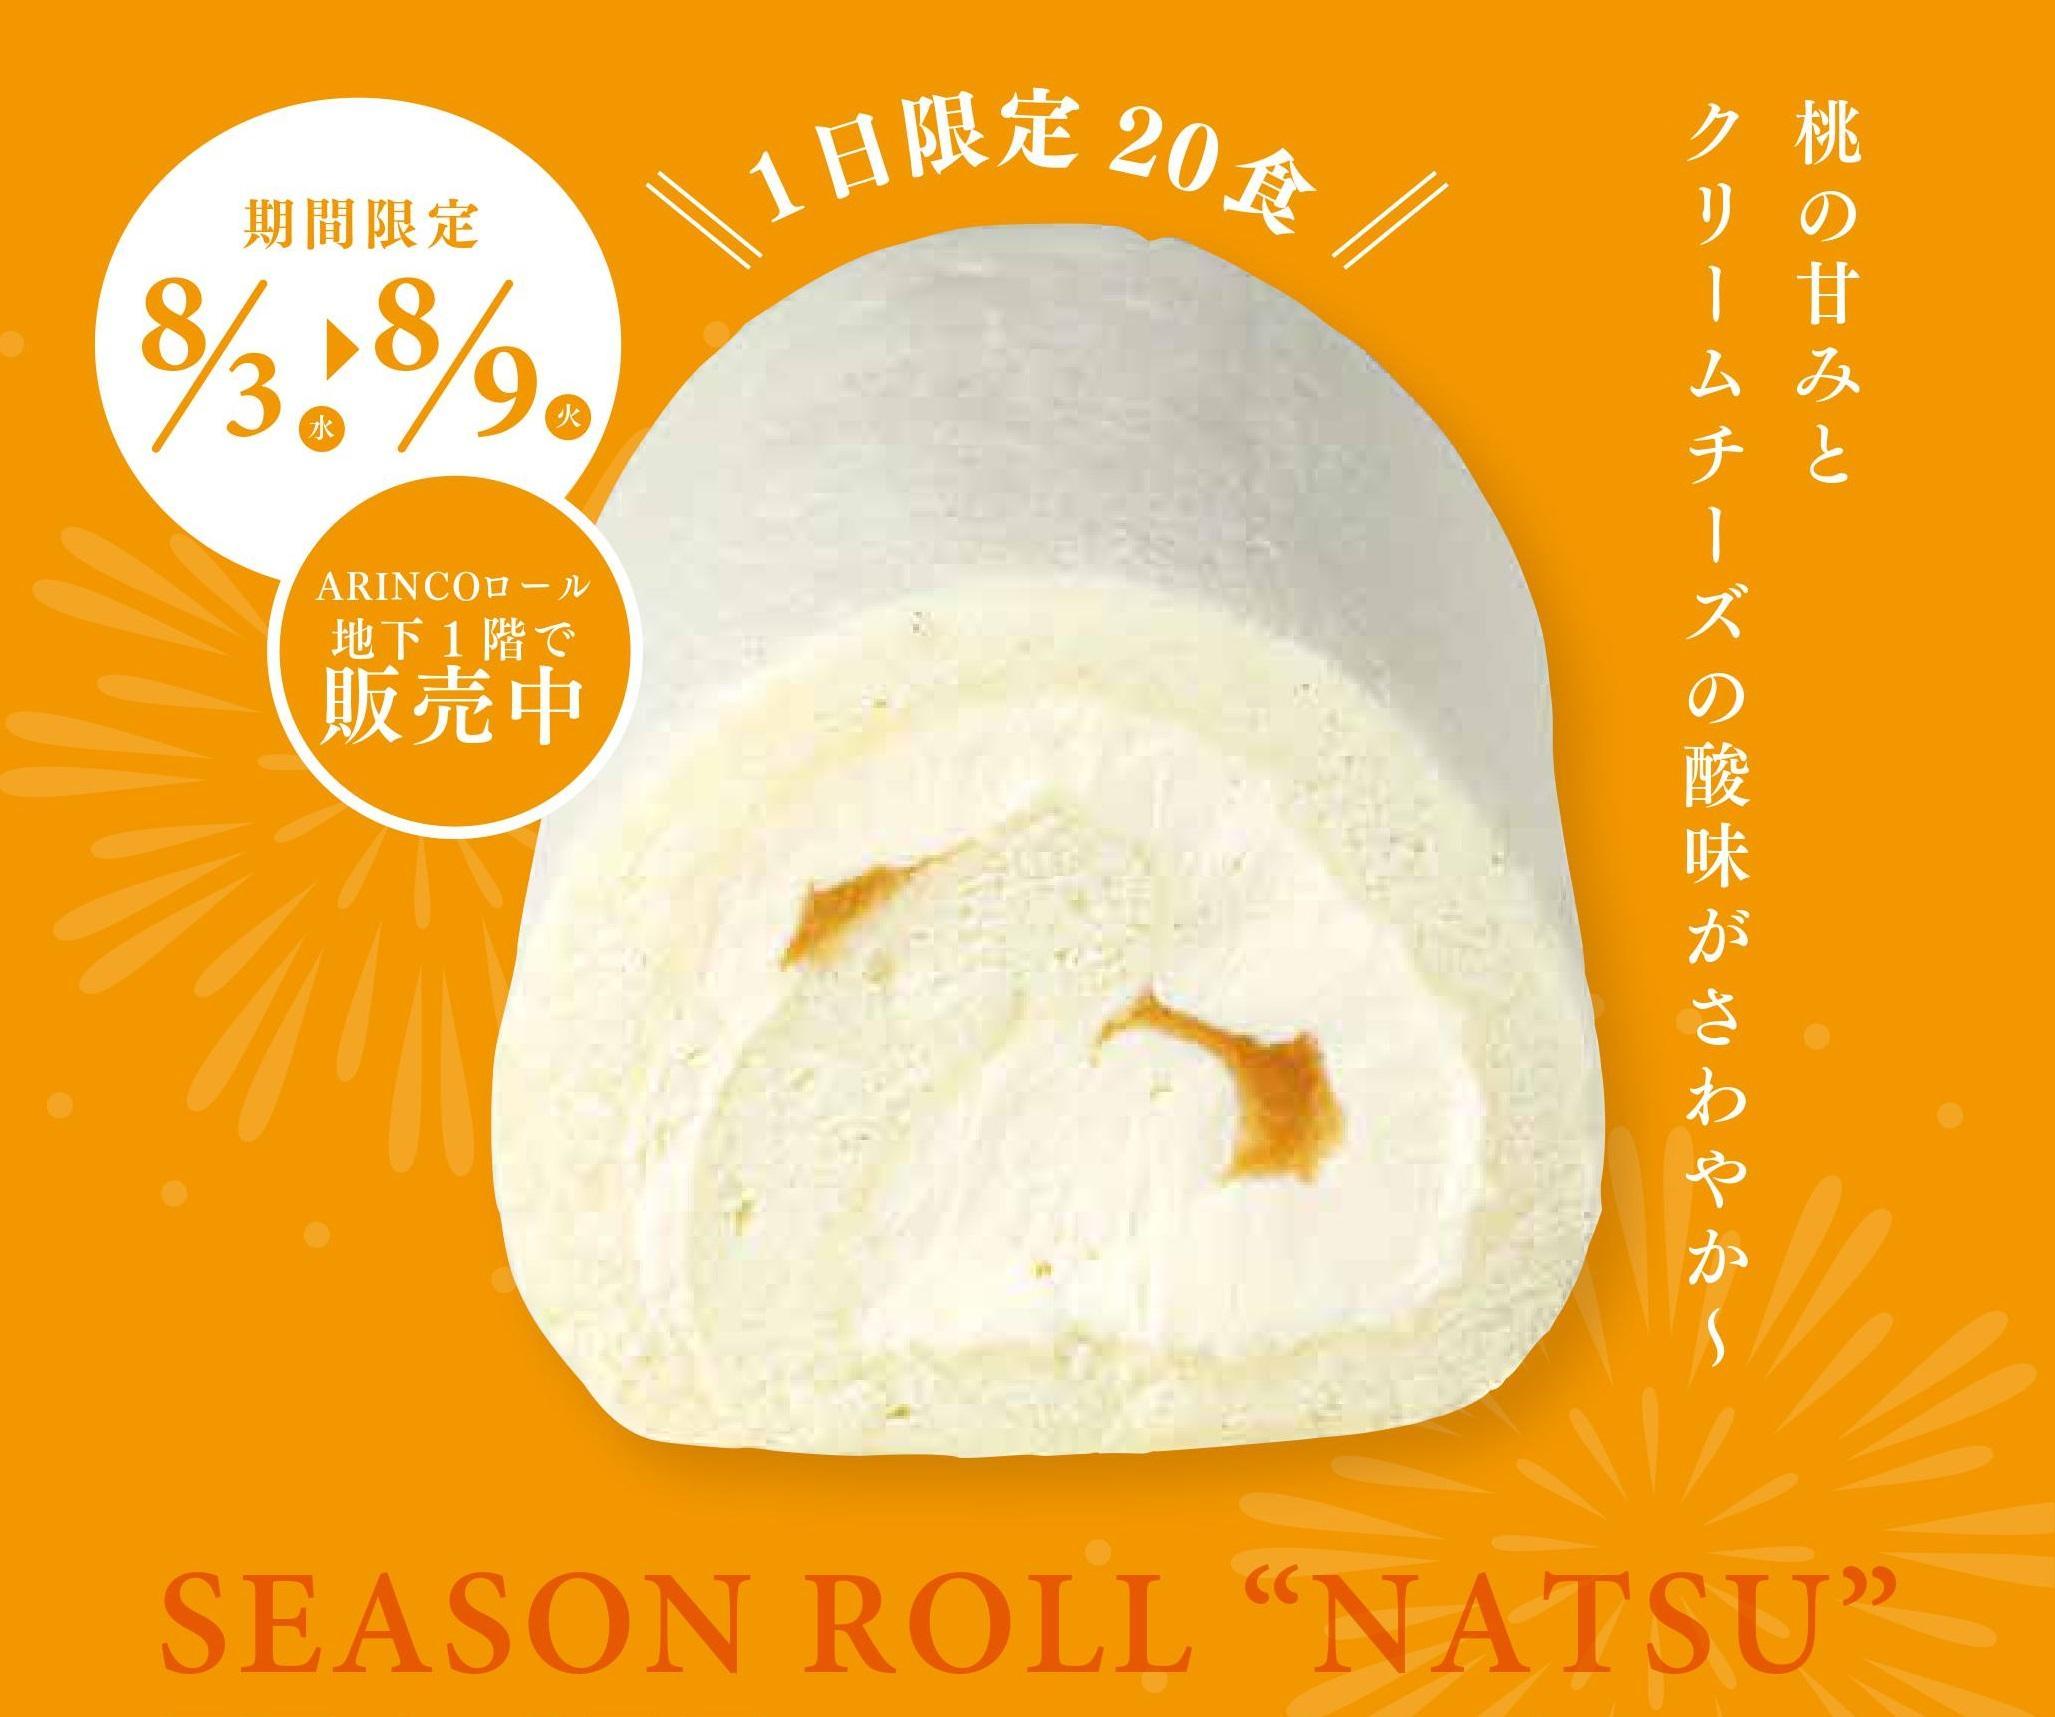 8月3日(水)~9日(火)期間限定!ARINCOロールがシャンデリア テーブルへやってくる!!